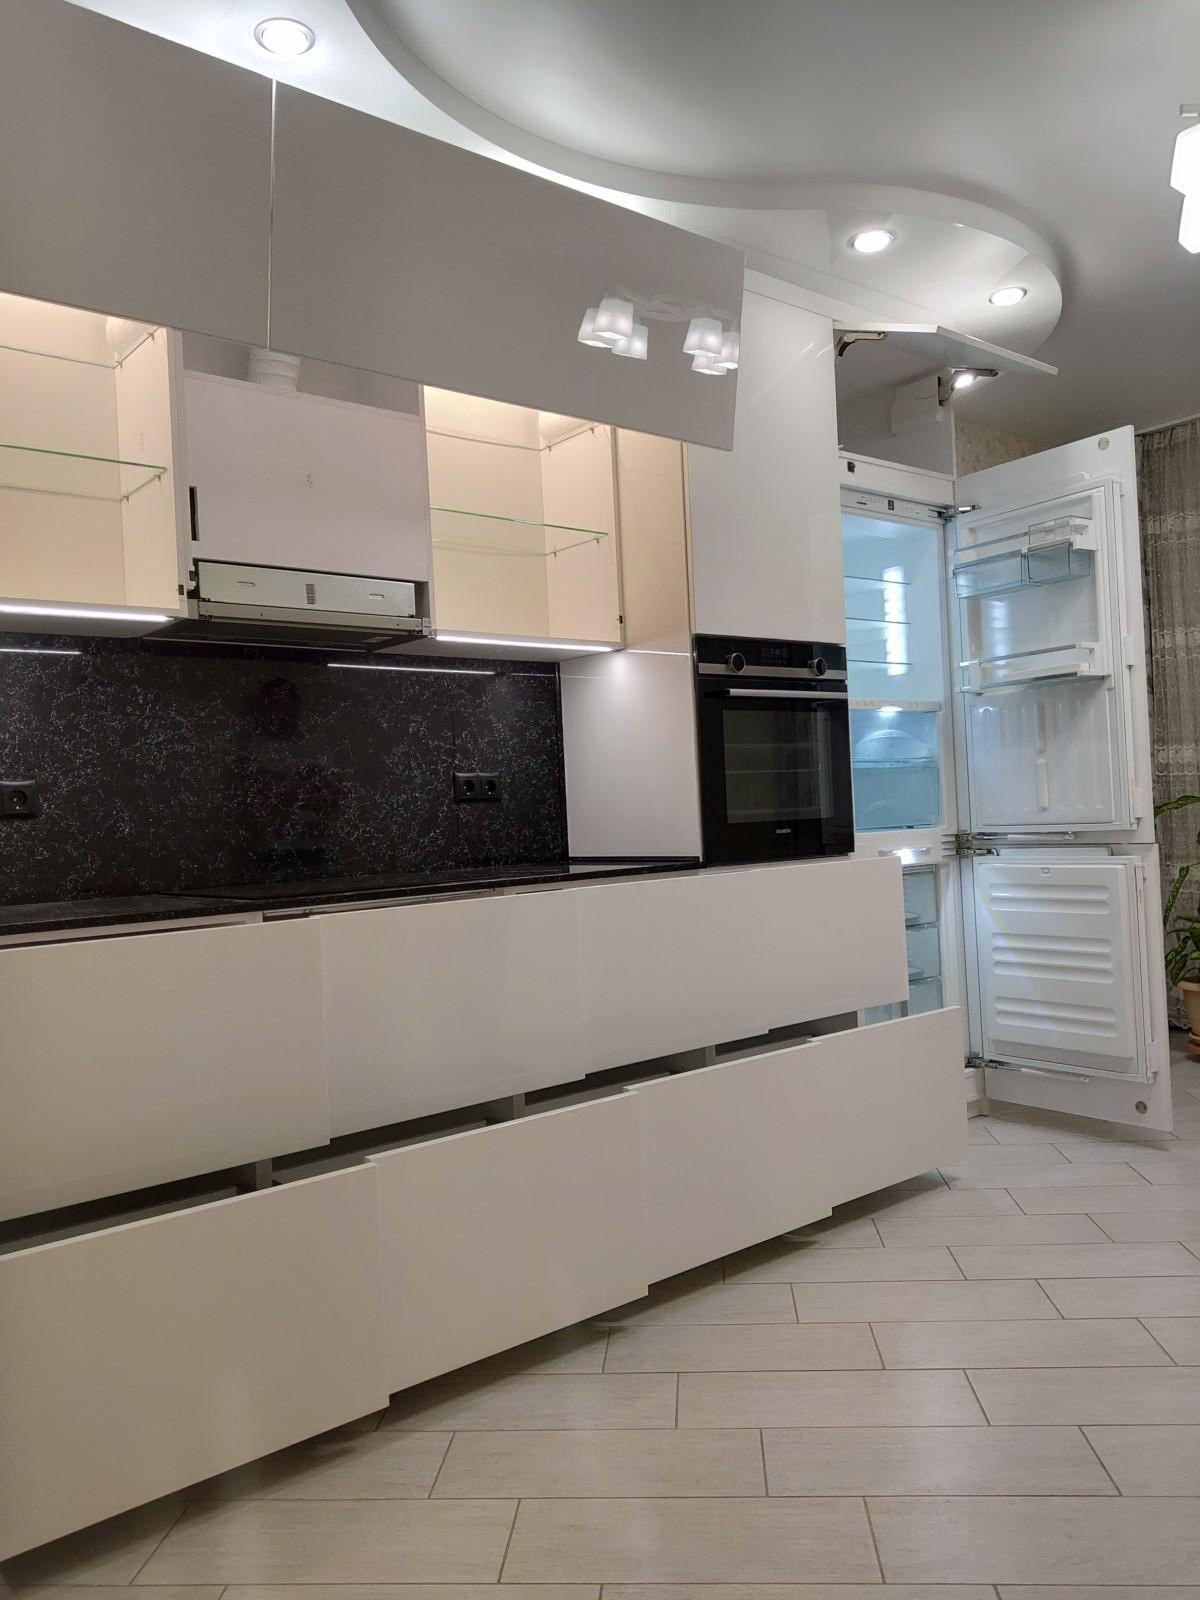 Белоснежная глянцевая кухня без ручек с фурнитурой BLUM